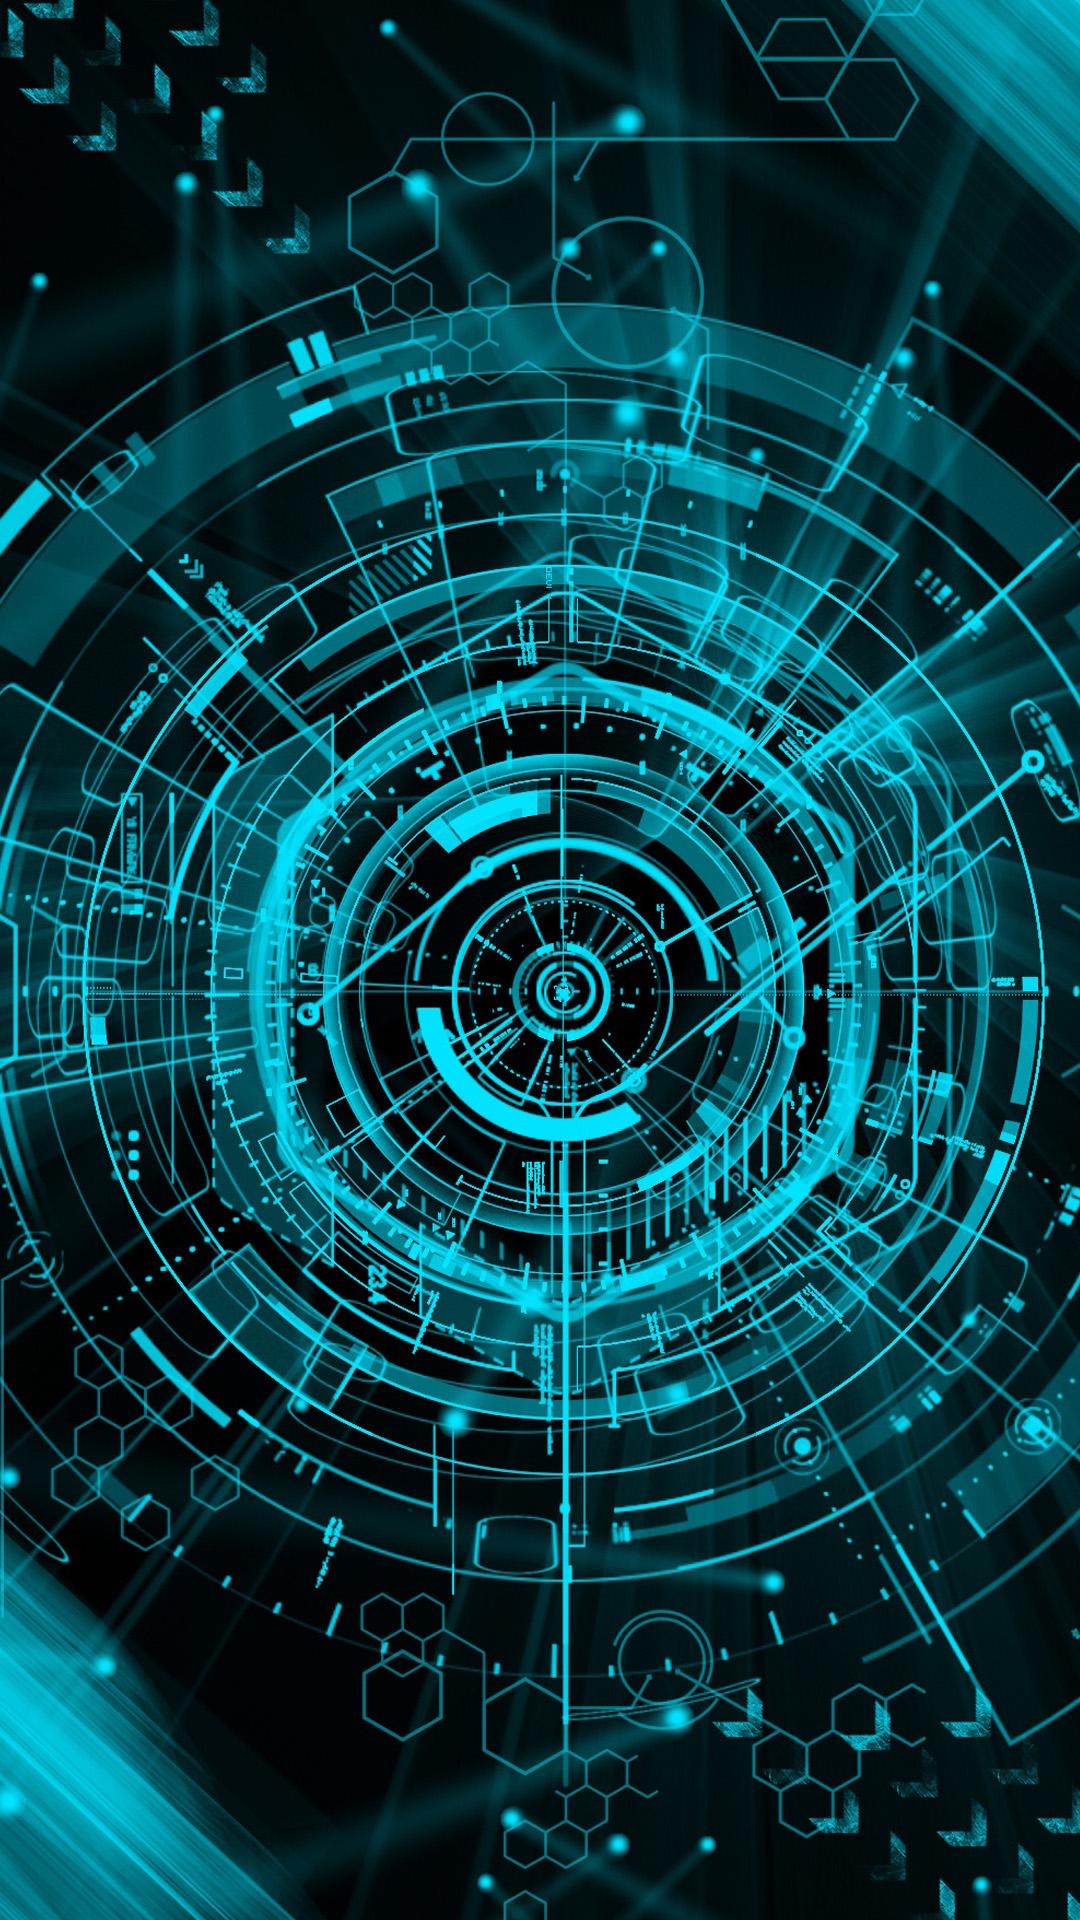 labyrinthe grille conception la technologie contexte art sch u00e9ma graphique image de fond pour le